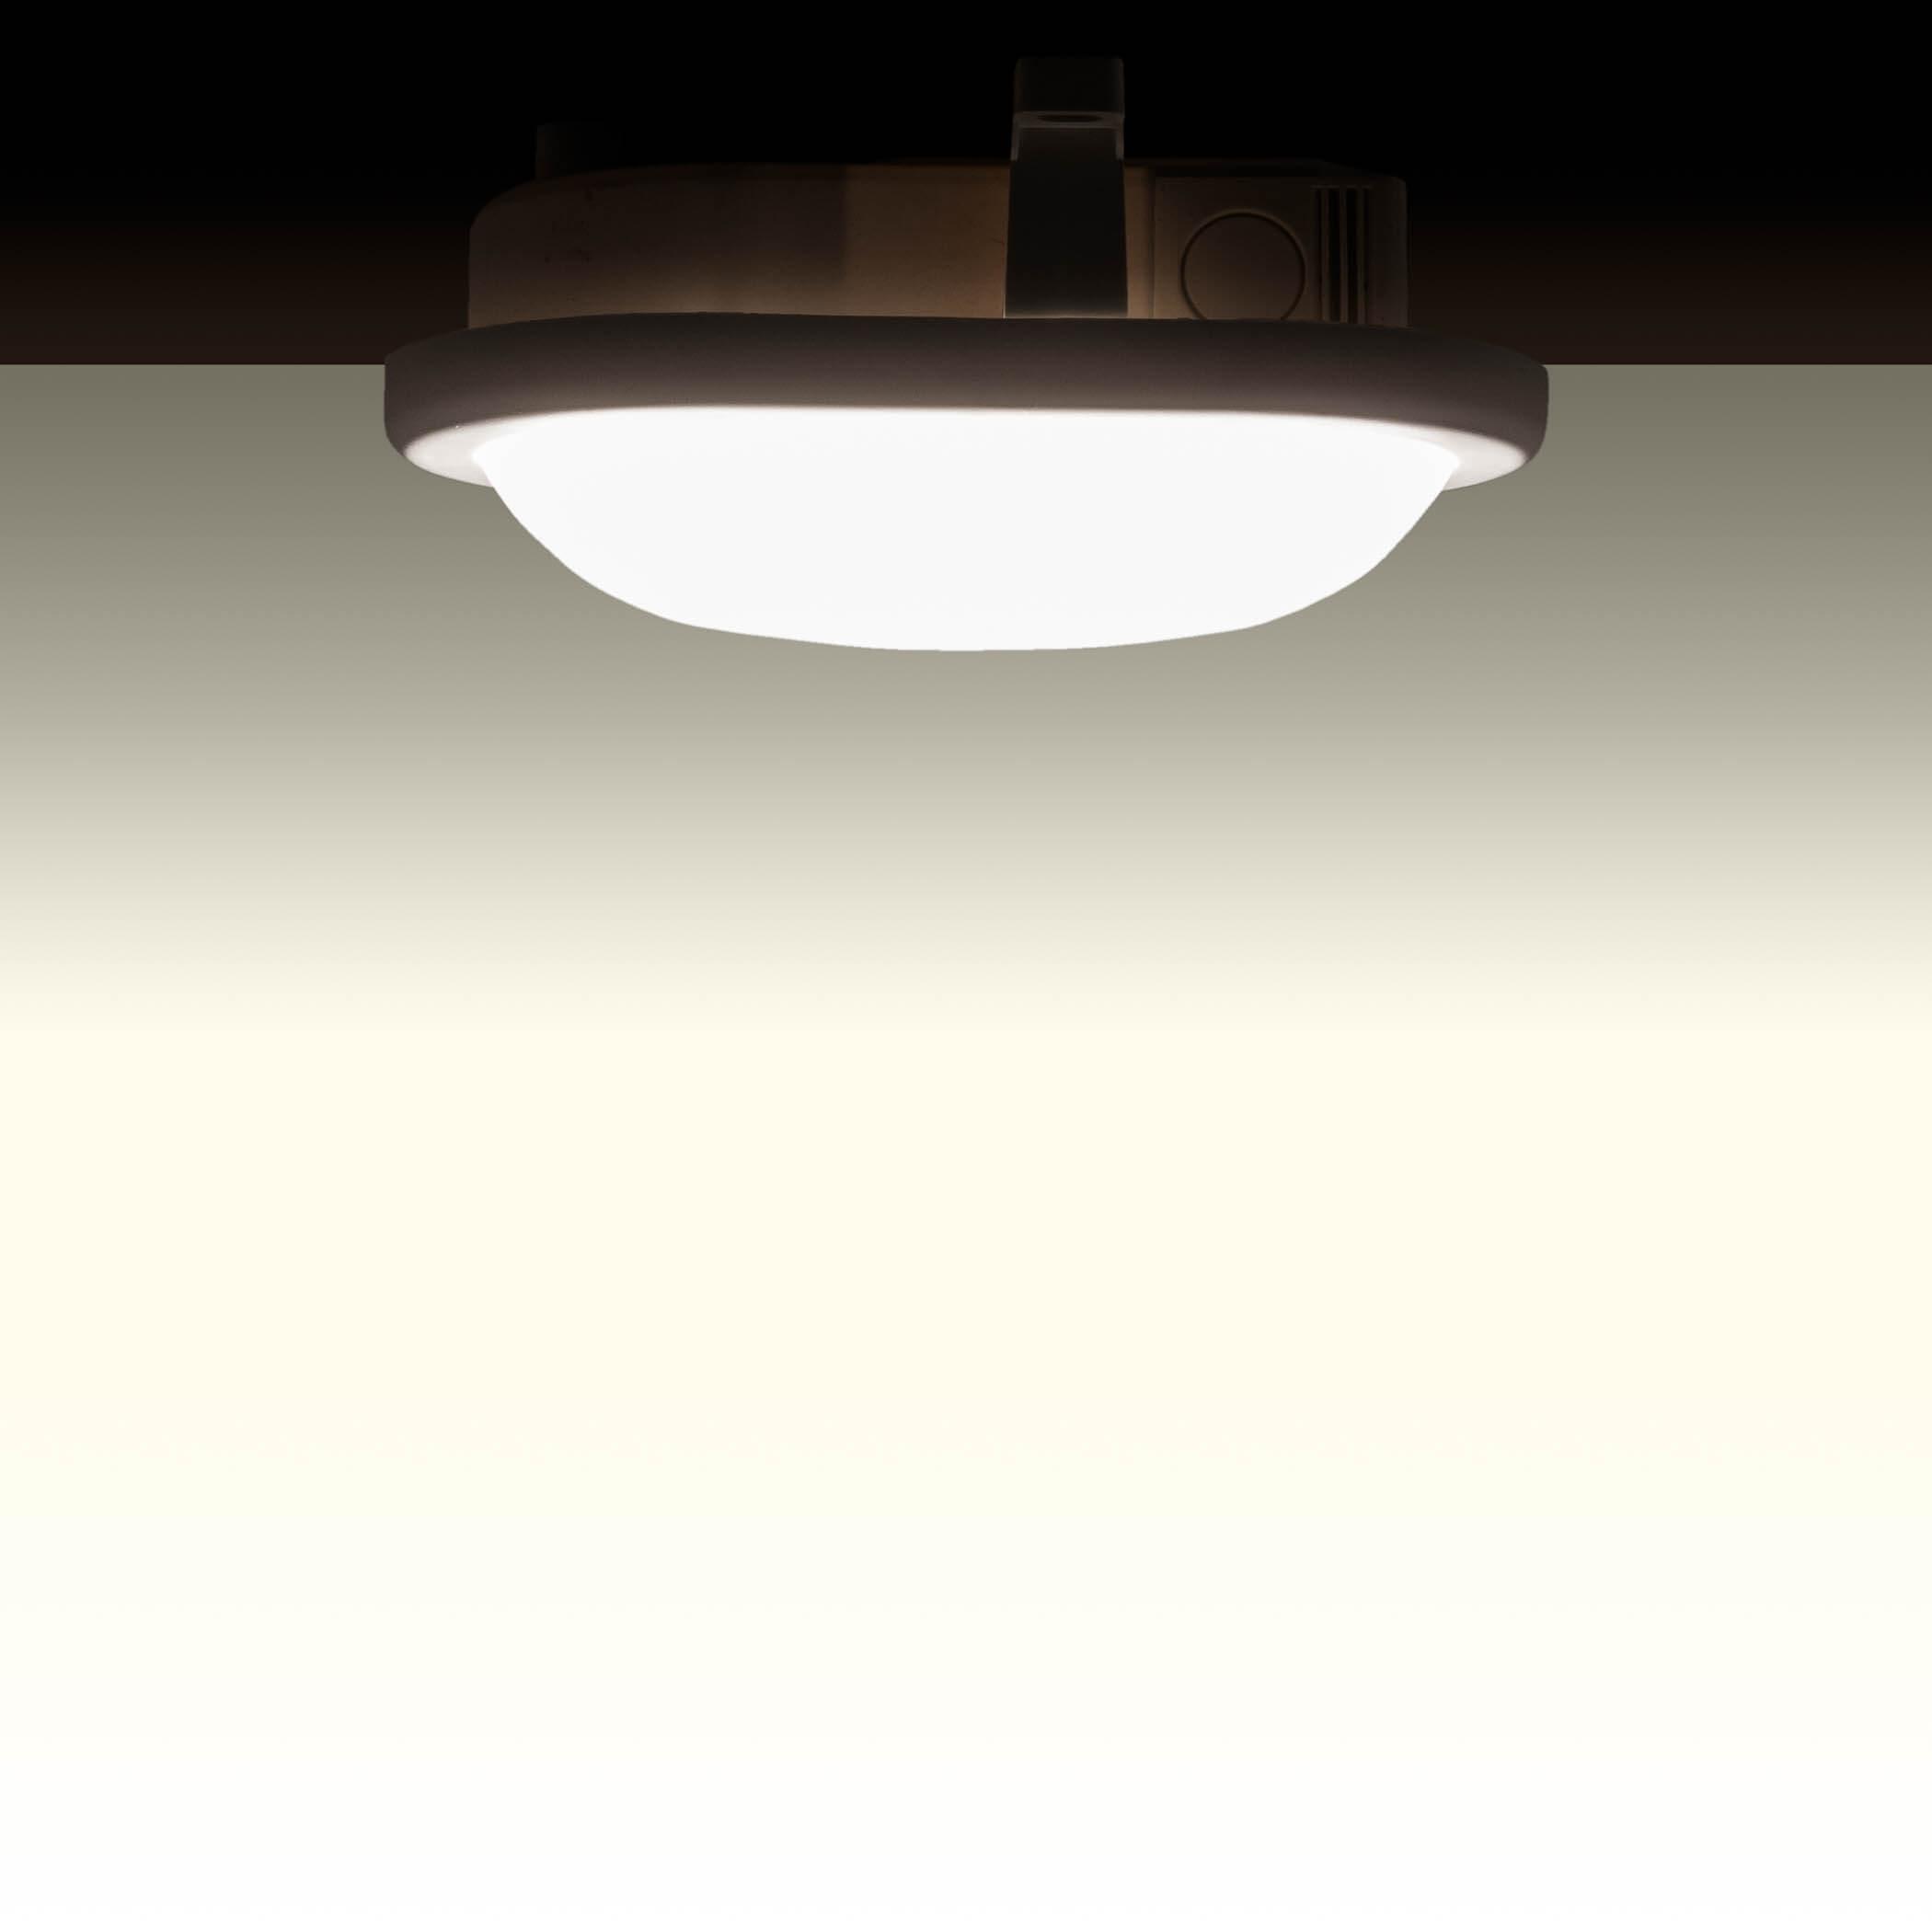 Full Size of Deckenleuchte Led Wohnzimmer Küche Schlafzimmer Modern Bad Sofa Mit Chesterfield Leder Lederpflege Lampen Kunstleder Weiß Panel Spiegelschrank Braun Wohnzimmer Deckenleuchte Led